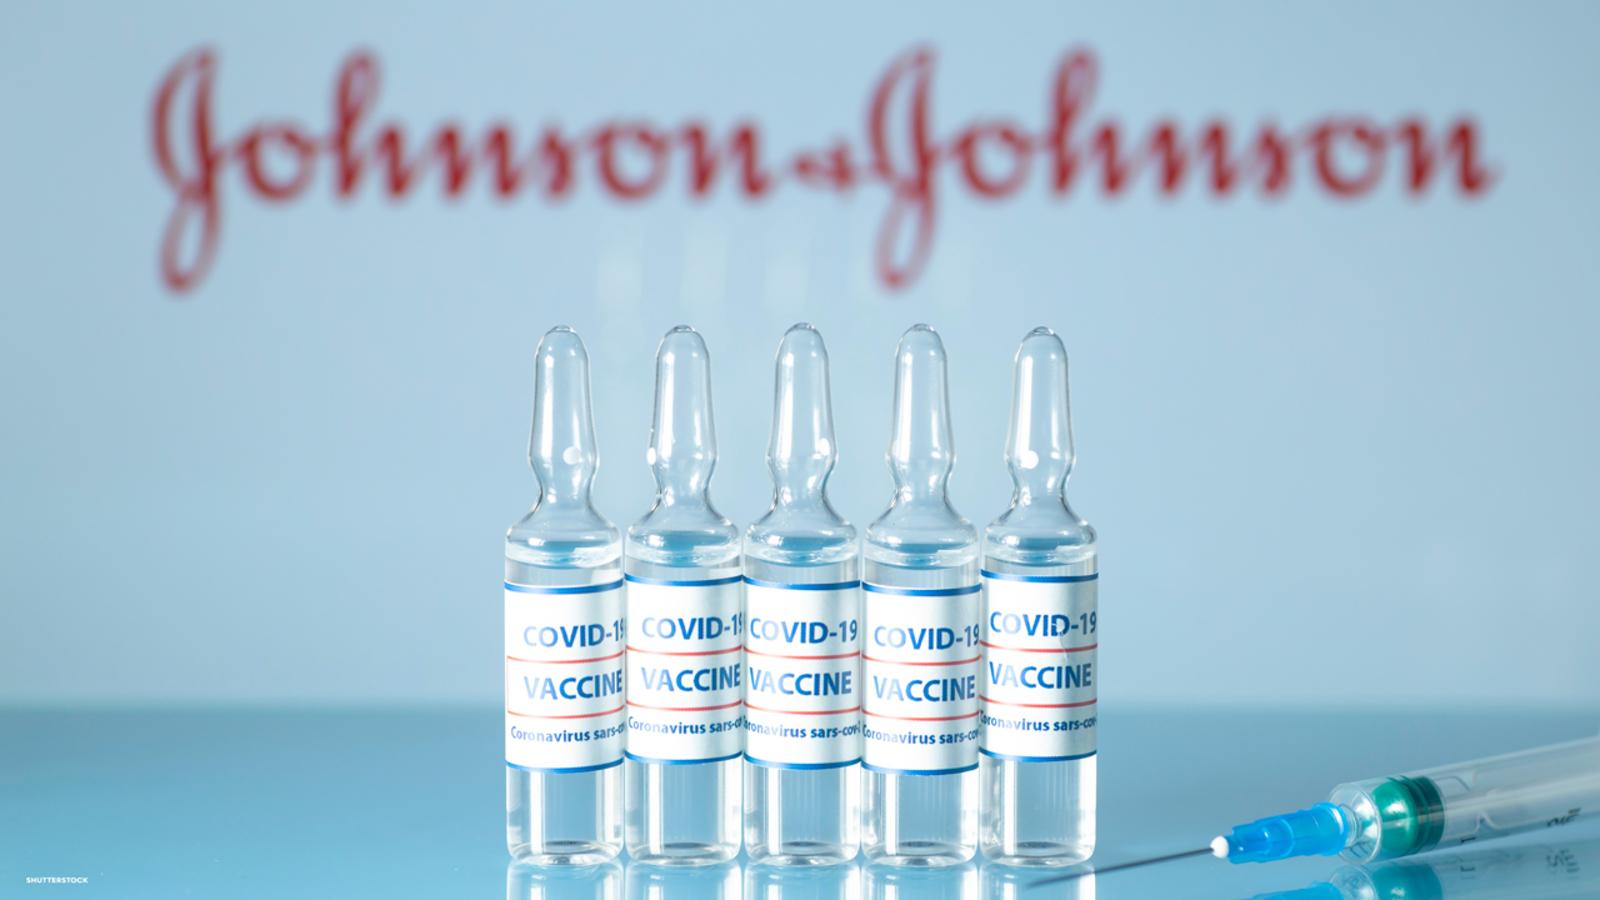 В США могут забраковать около 70 млн доз вакцин от Johnson & Johnson